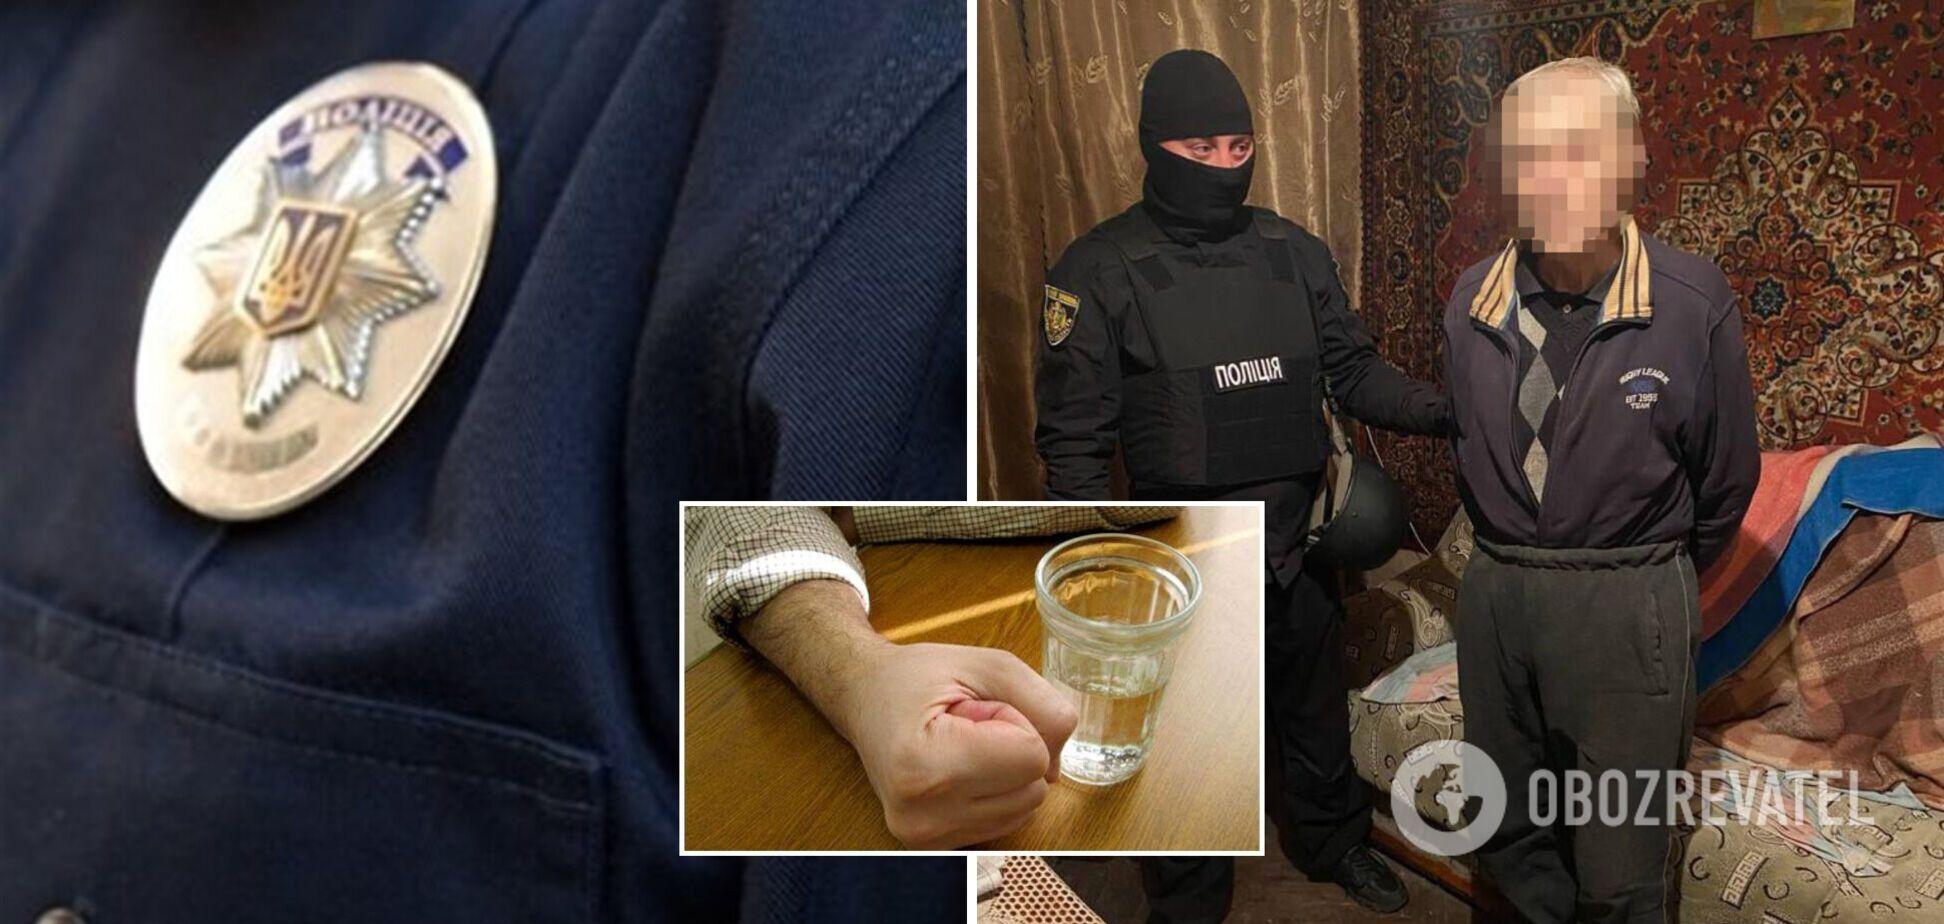 У Львові чоловік вбив знайомого й намагався його спалити. Фото 18+